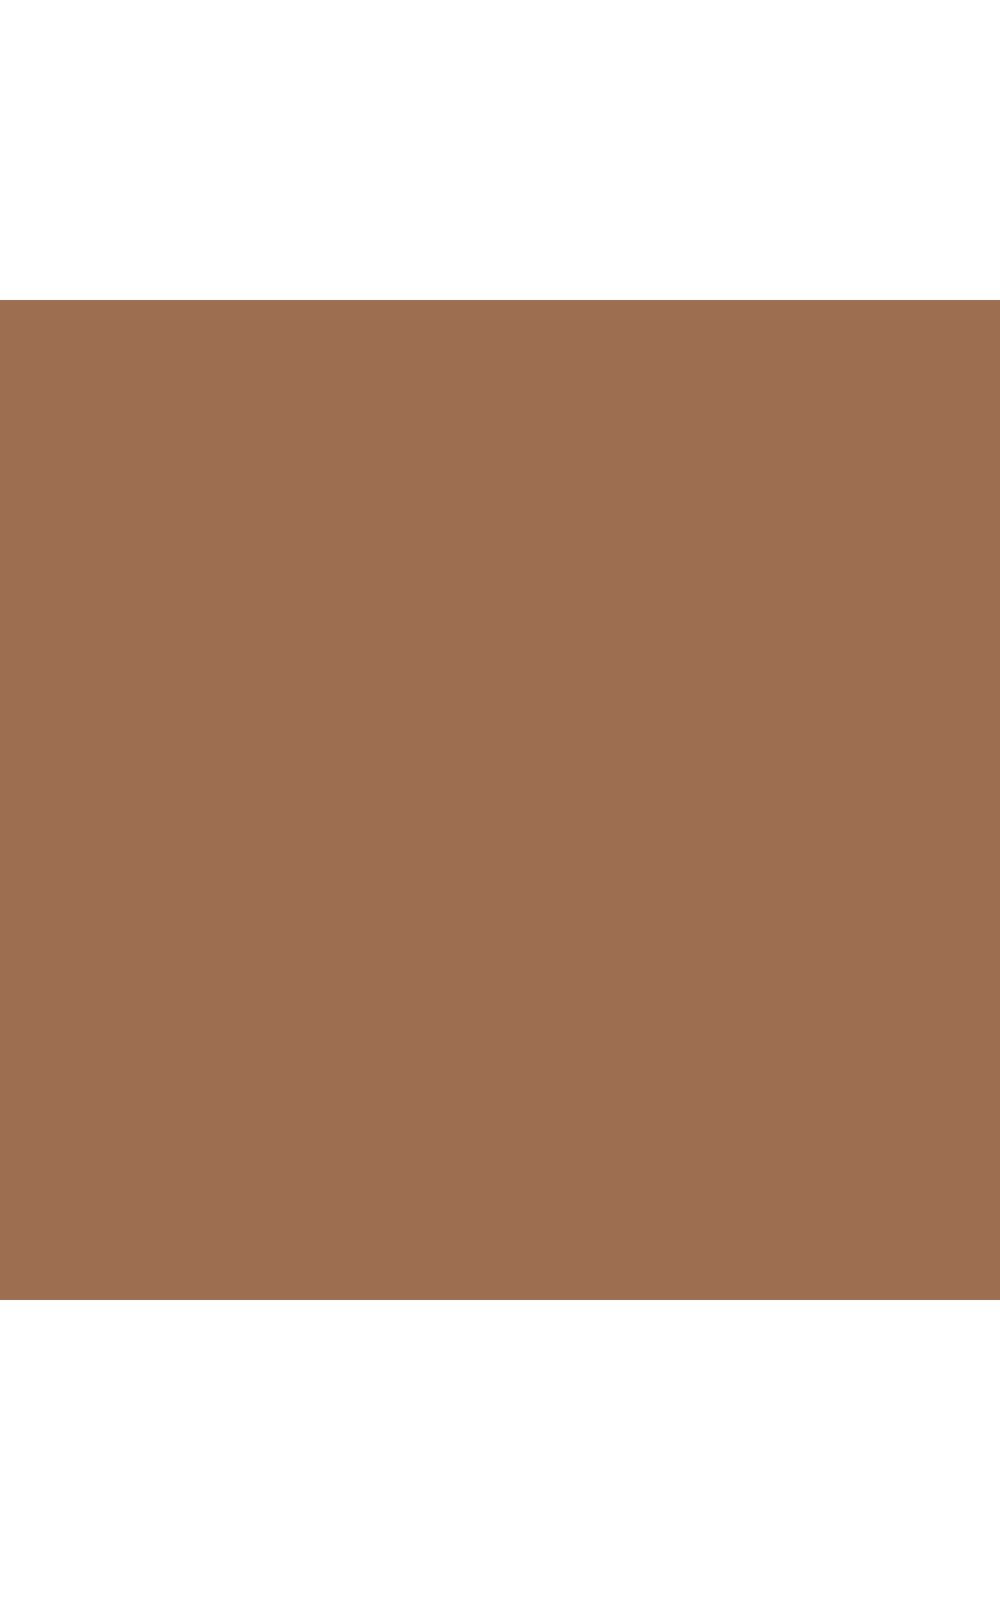 Foto 3 - Sutiã Triângulo Sustentação Tech Pro Tule Chocolate